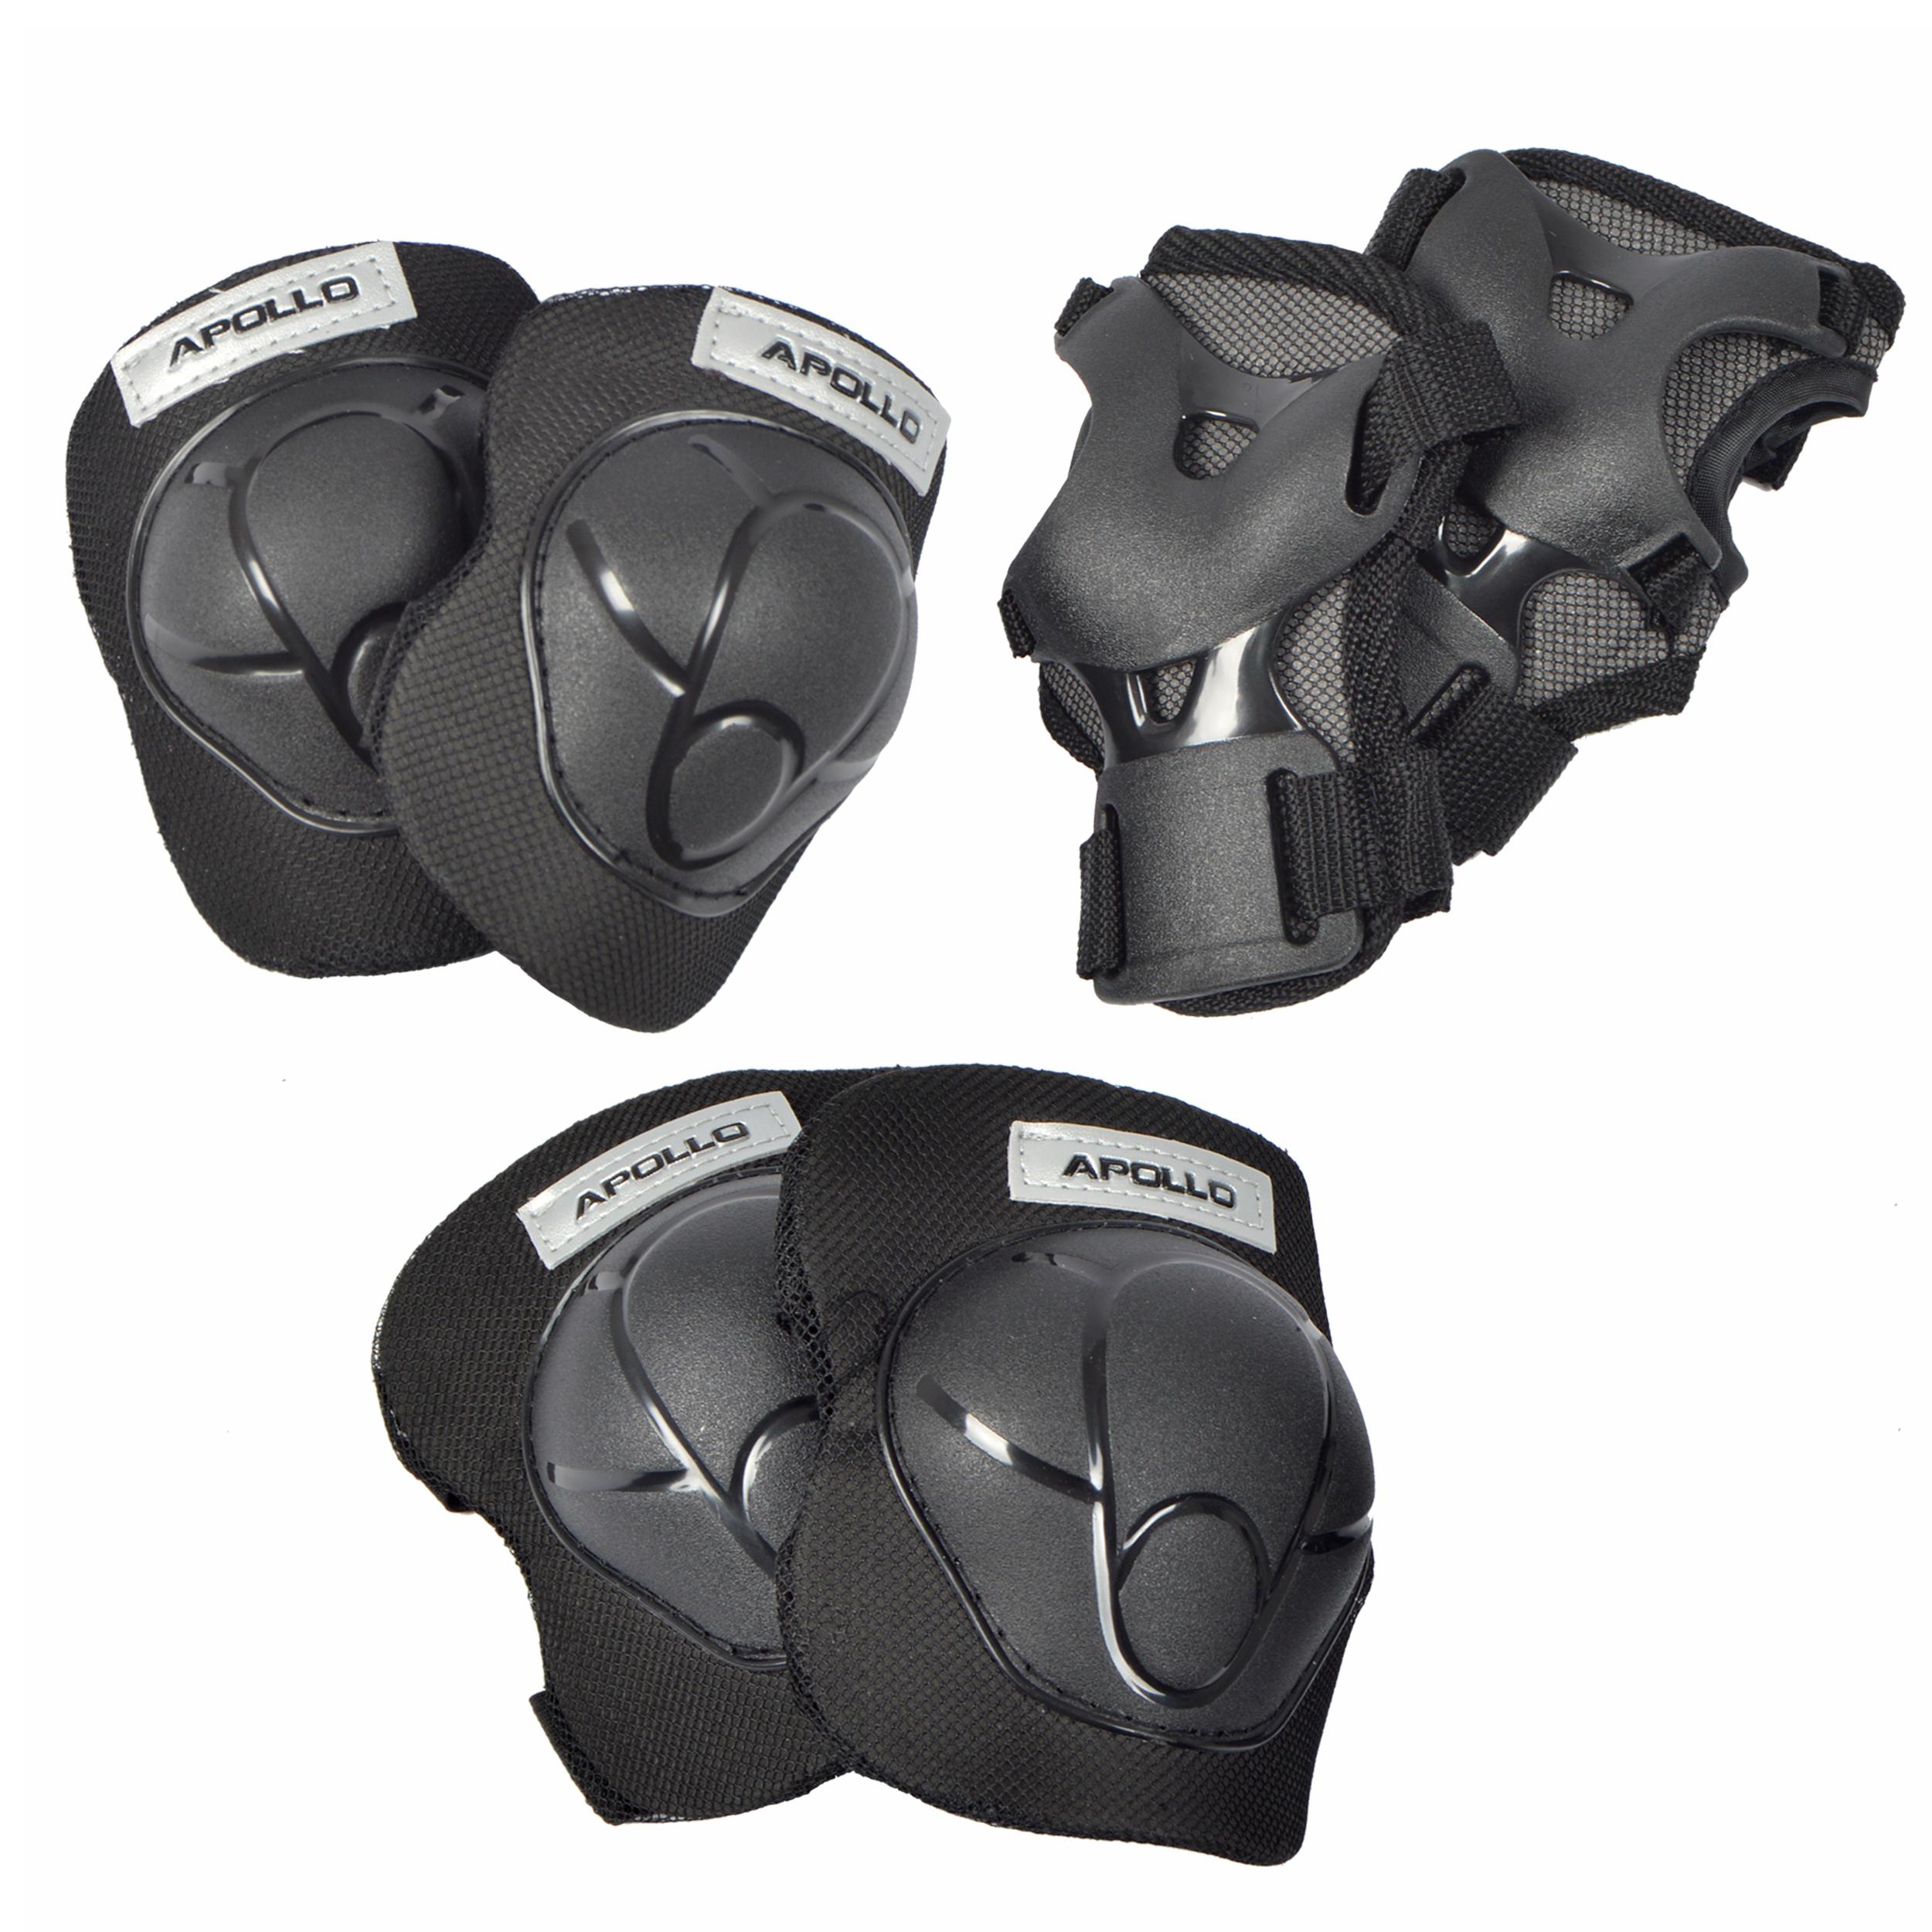 Apollo Knie- Ellenbogen und Handgelenkschoner Set Größe M - Schwarz